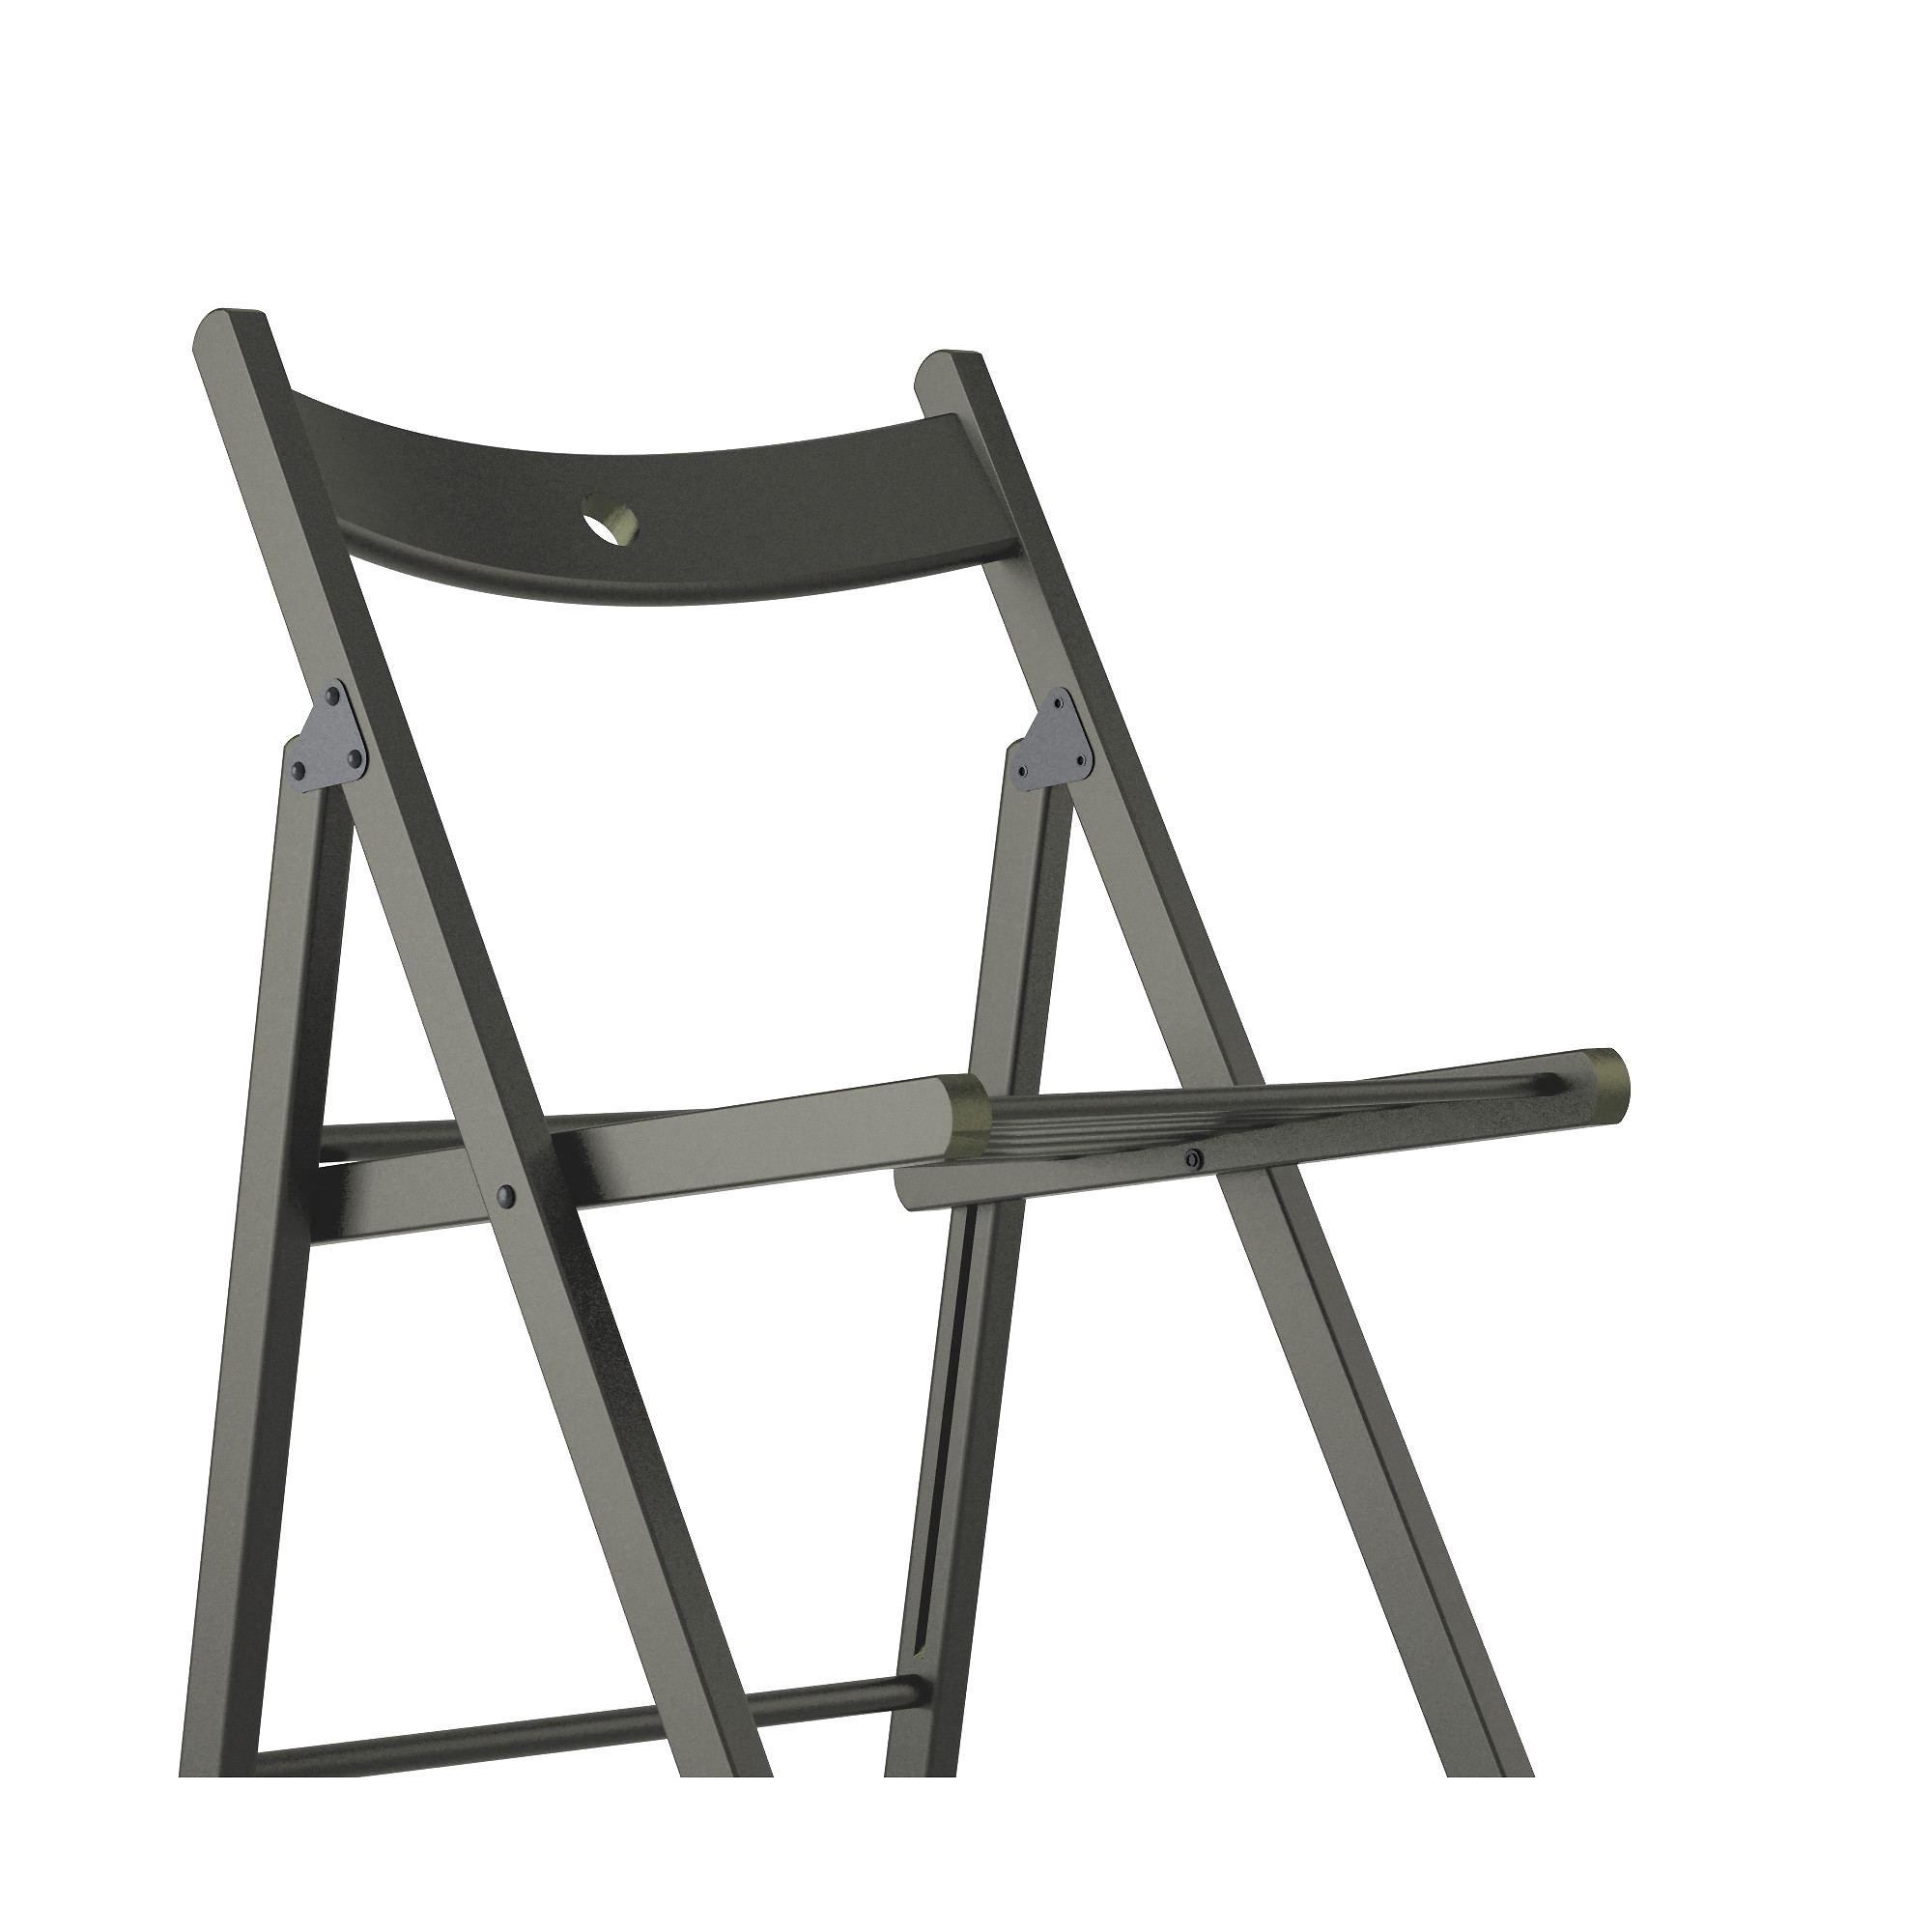 Table Chaise De Jardin Ikea Et Shtdqr dedans Chaises De Jardin Ikea